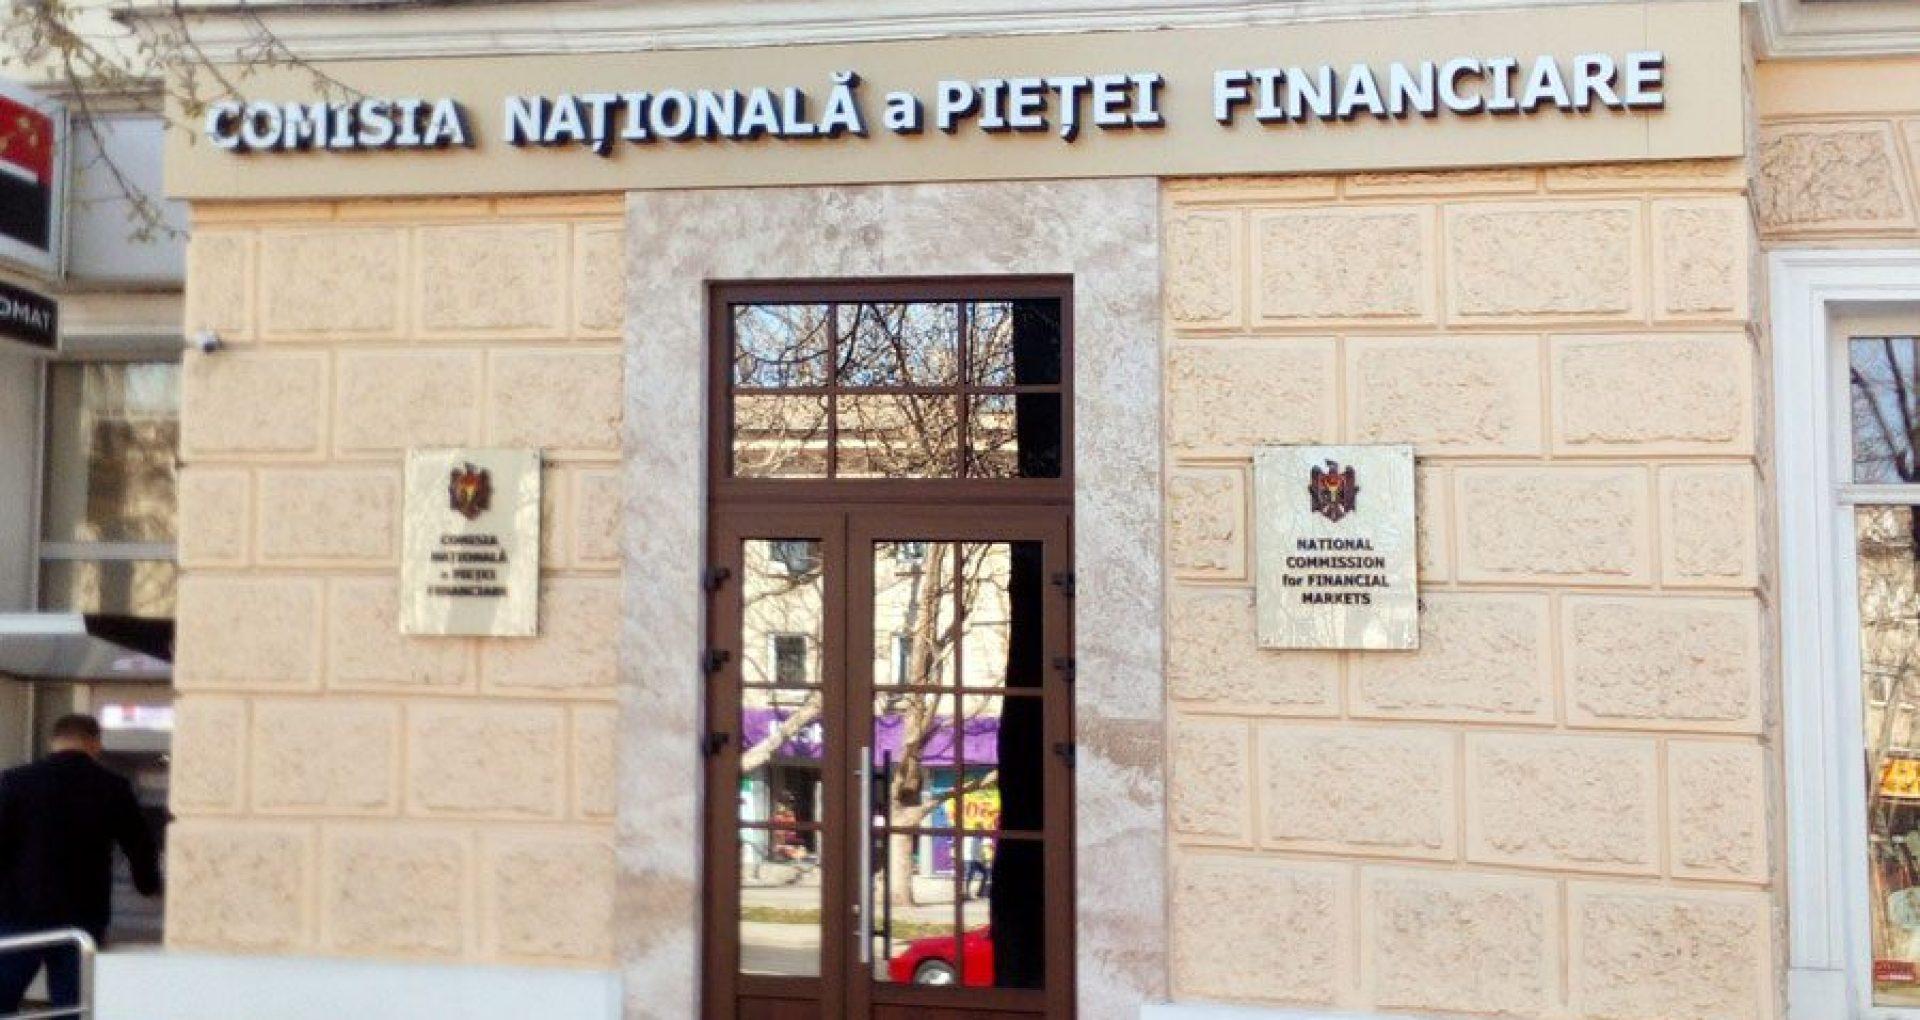 DOC/ Foștii membri ai CNPF, împreună cu ex-președintele instituției, solicită anularea hotărârii Parlamentului prin care au fost demiși din funcții. Cererile înaintate Legislativului